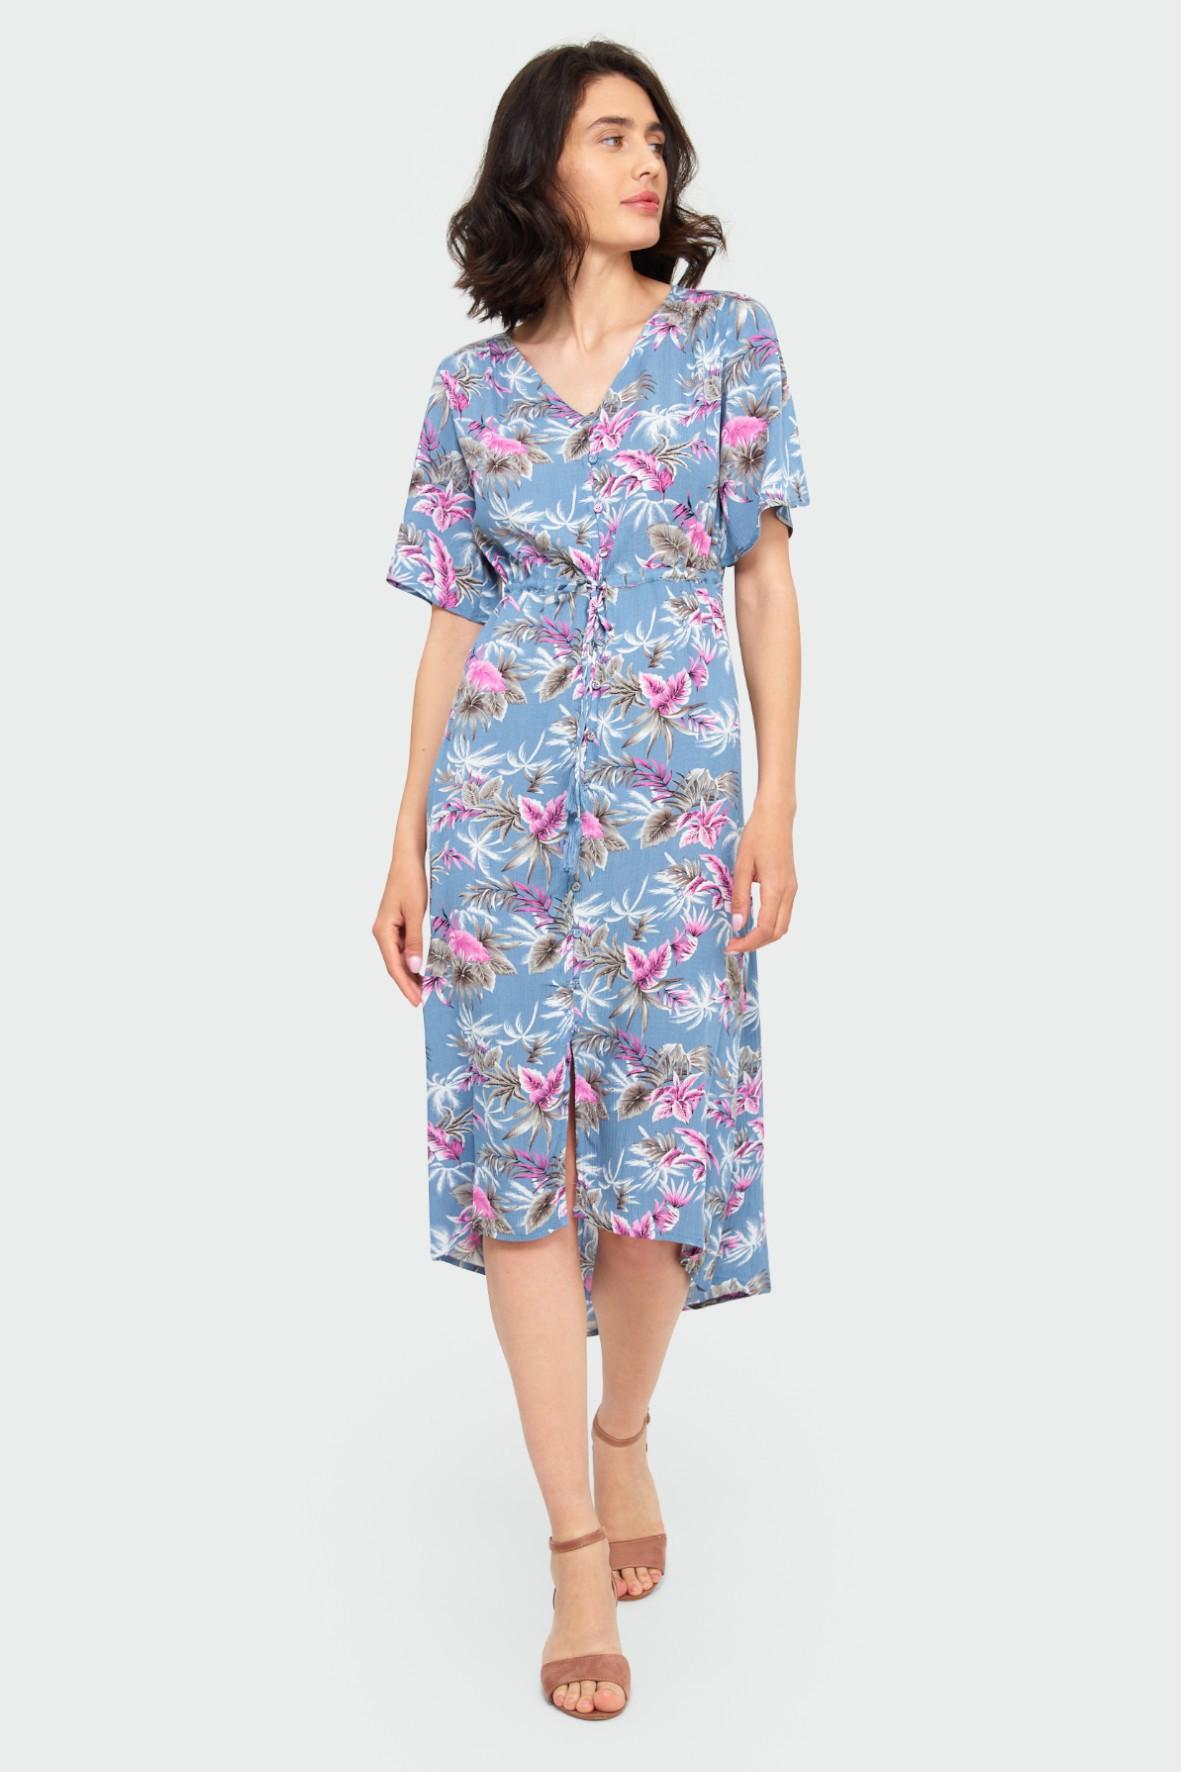 Niebieska wiskozowa sukienka z roślinnym nadrukiem